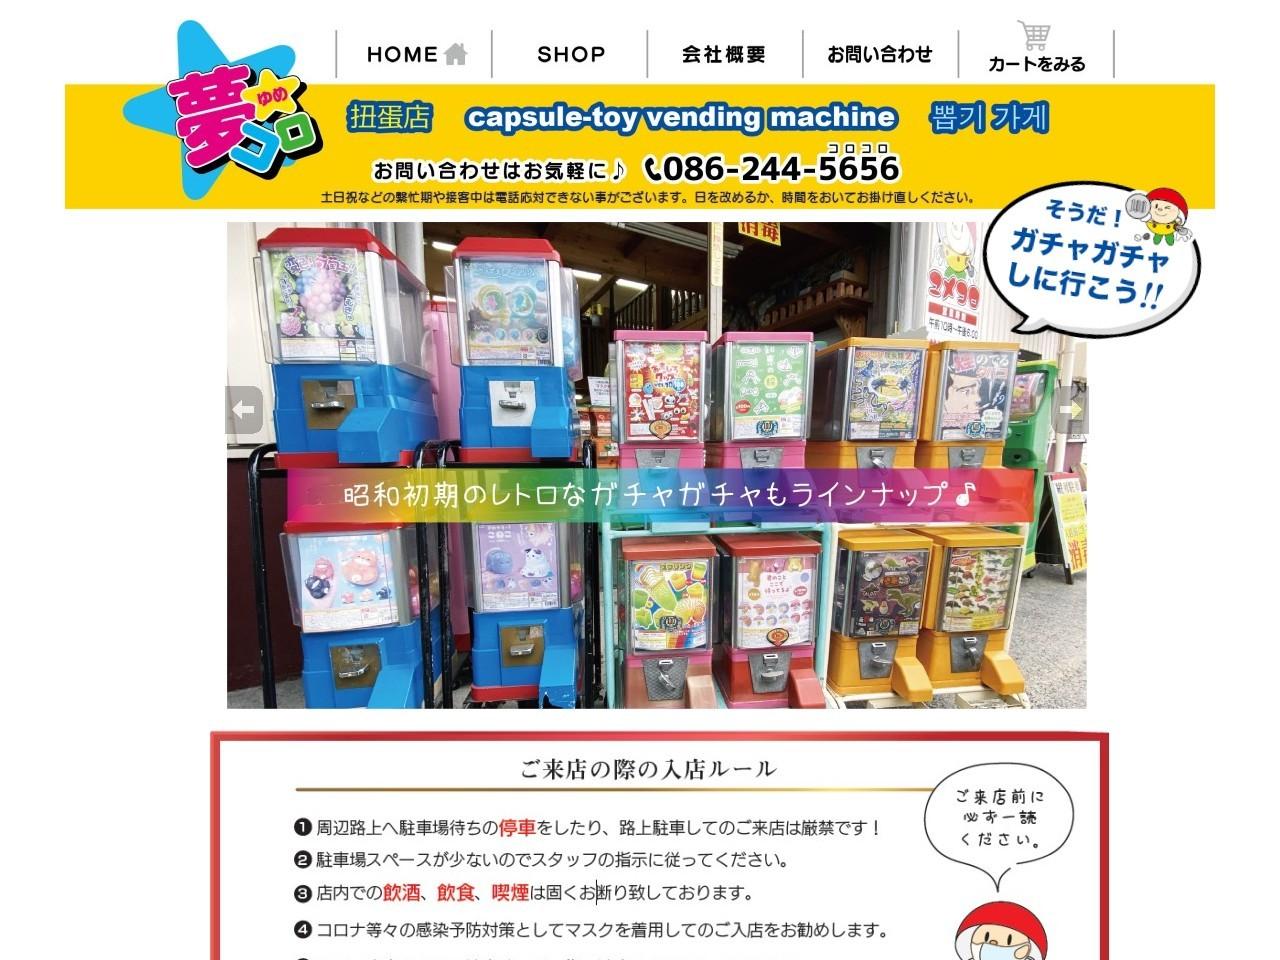 ガチャガチャミュージアム 夢コロ(有限会社ドリームハウス)|公式サイト